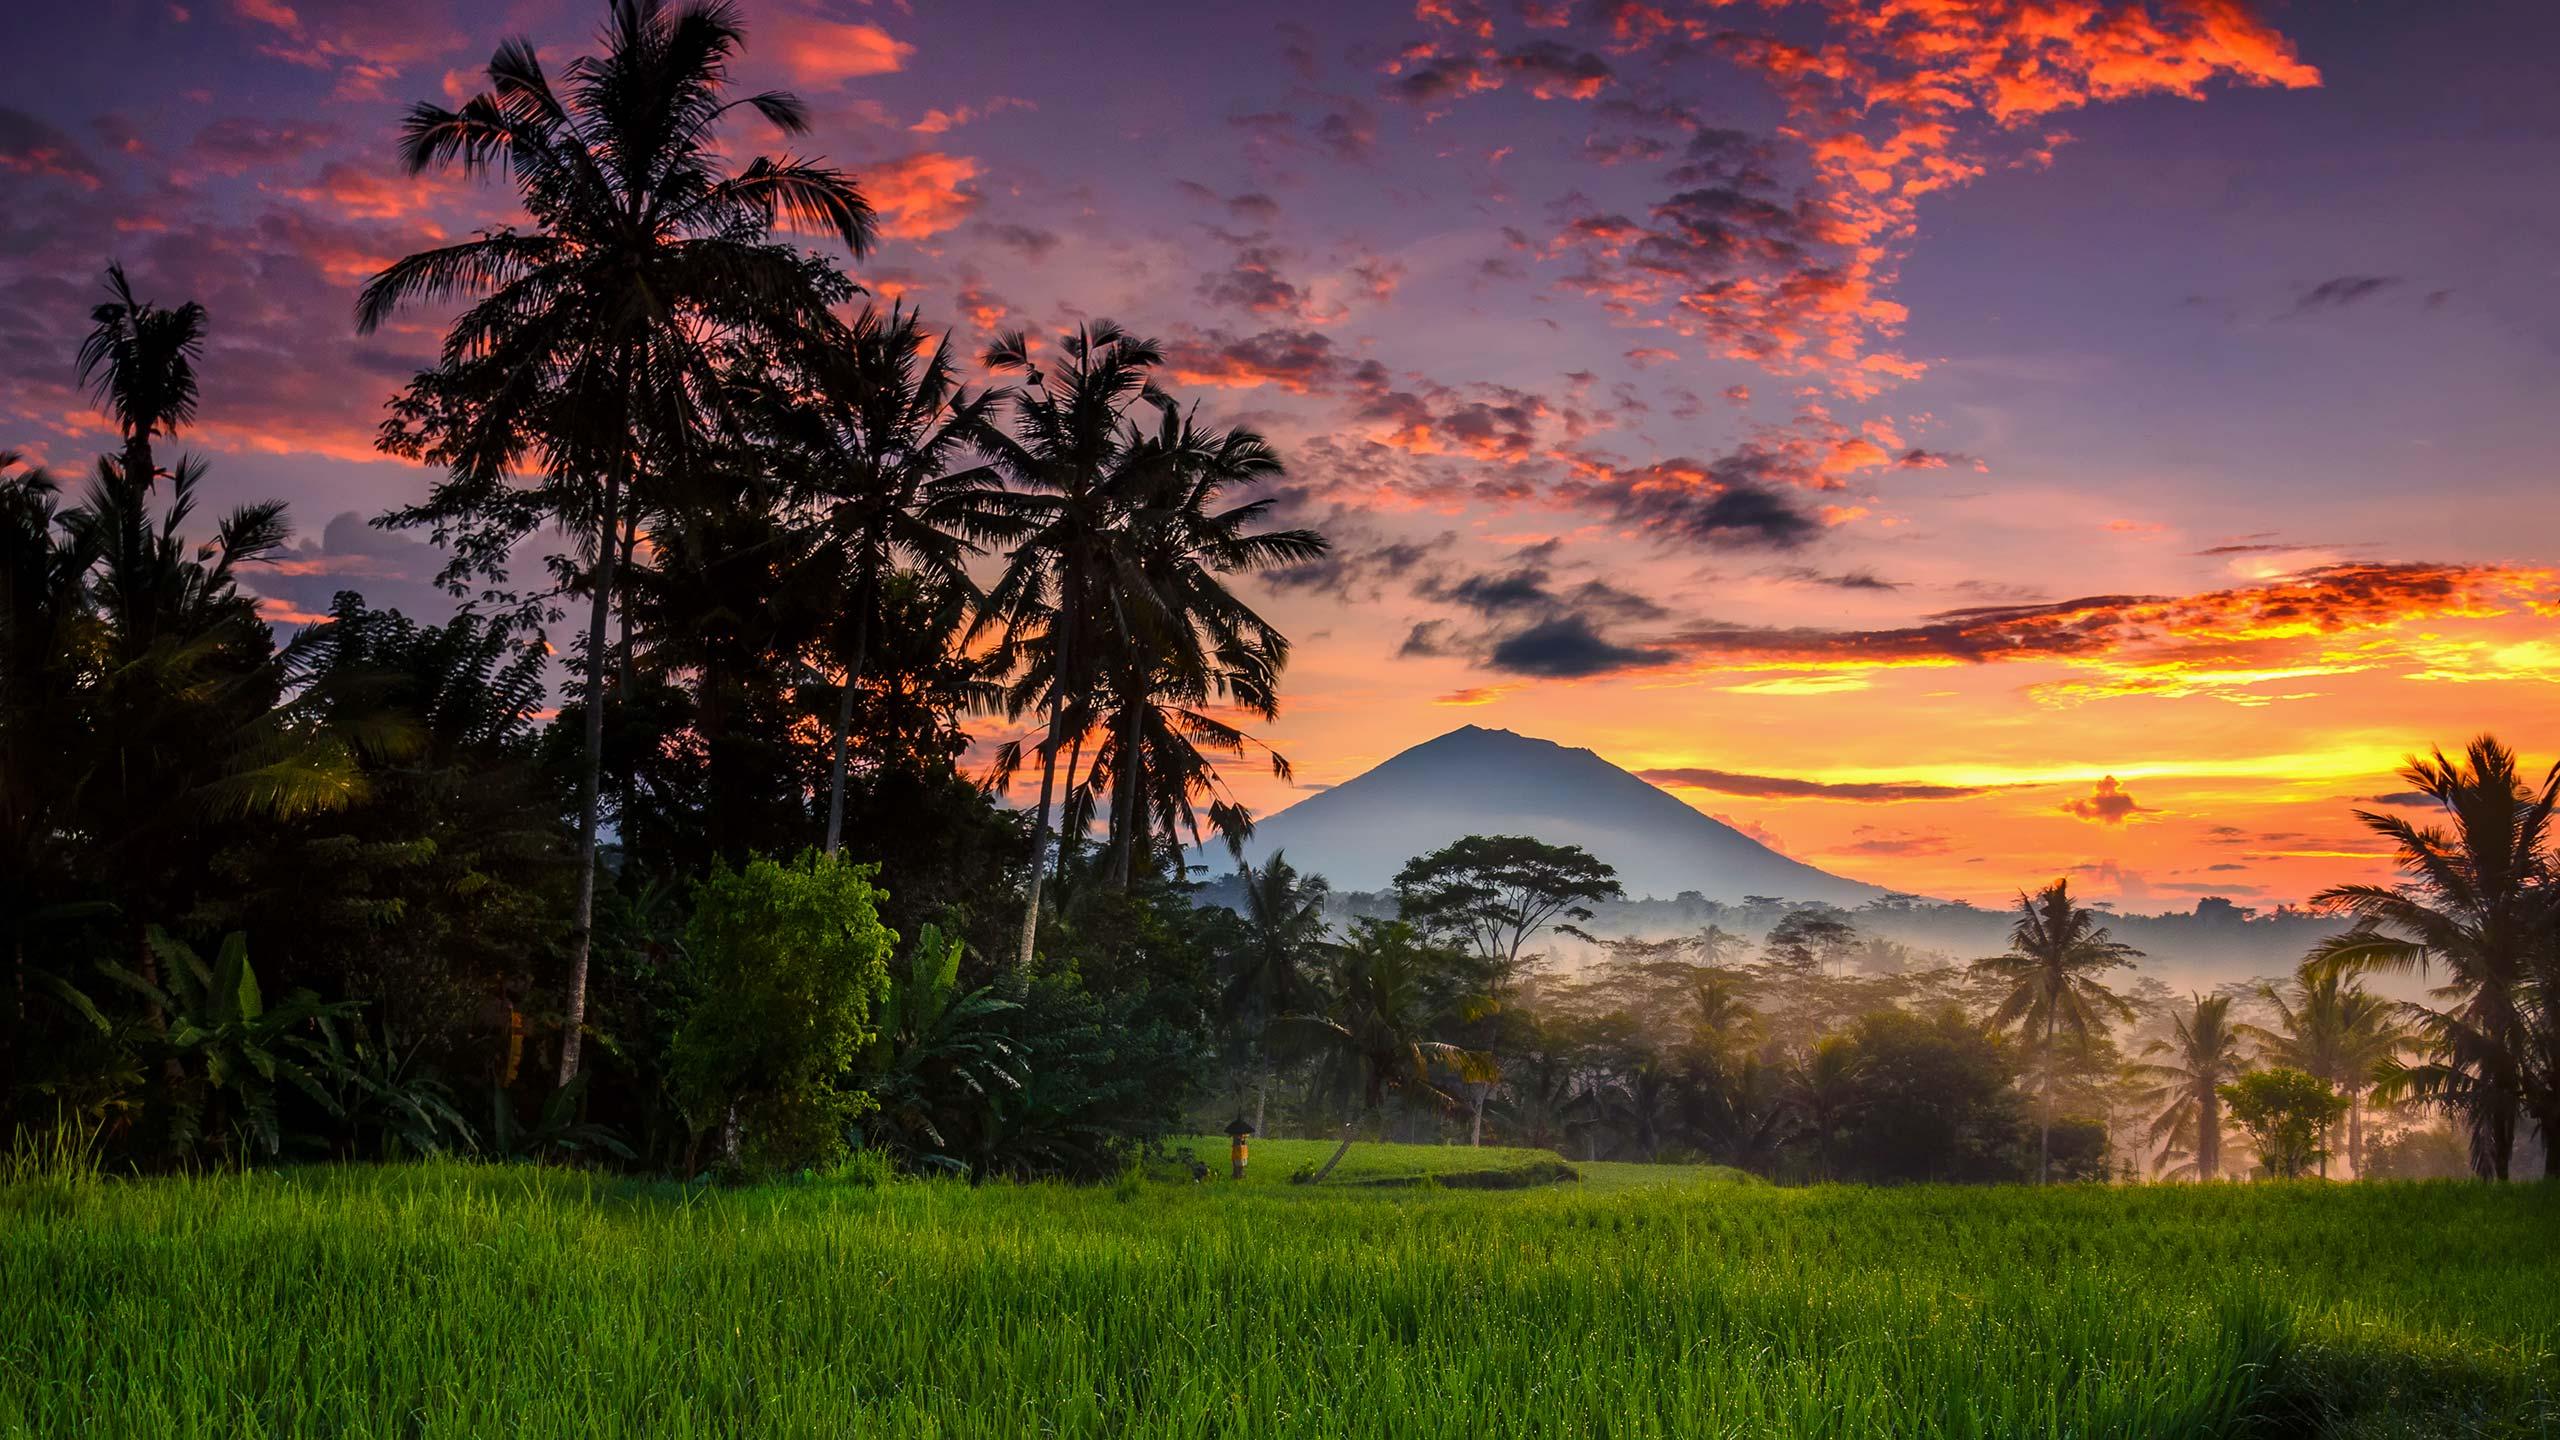 Morning at Ubud